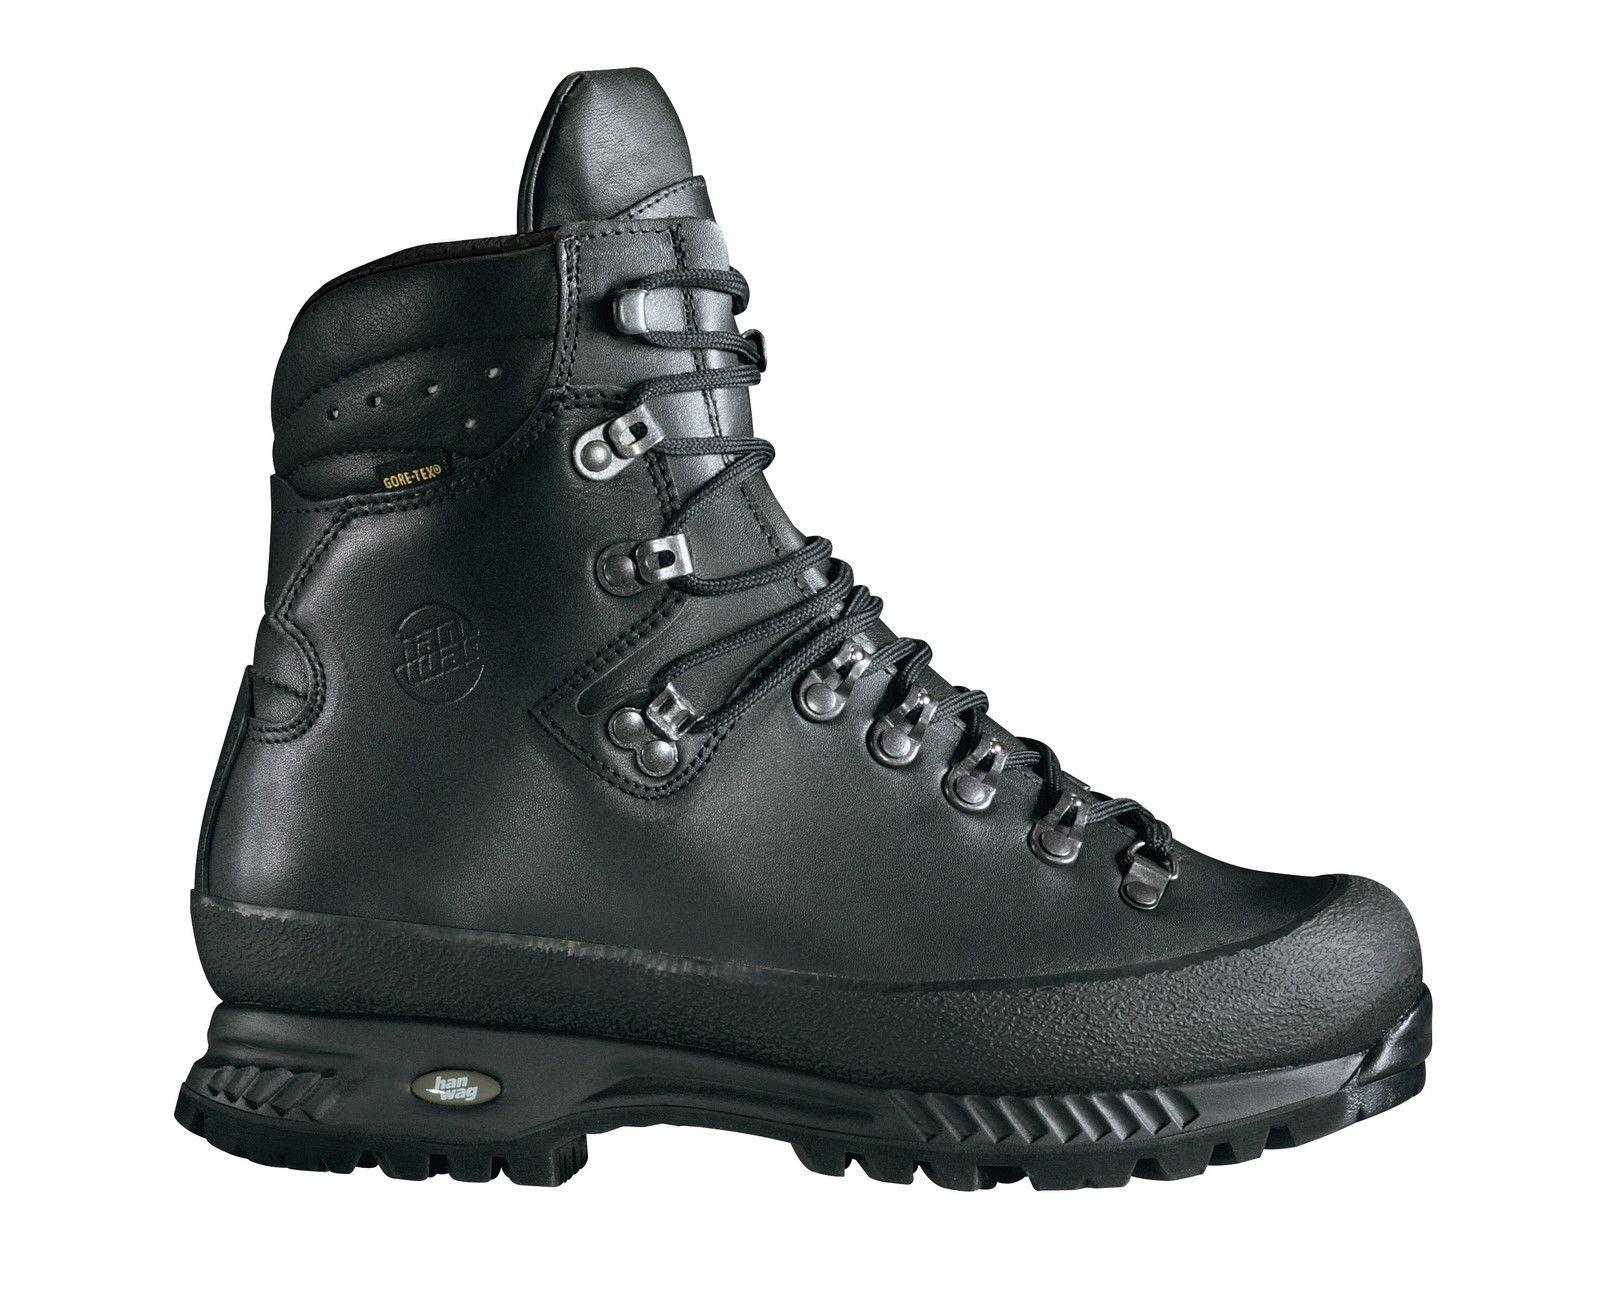 Hanwag Zapatos de Montaña: 8,5-42,5 Alaska GTX Men Tamaño 8,5-42,5 Montaña: Negro e37681